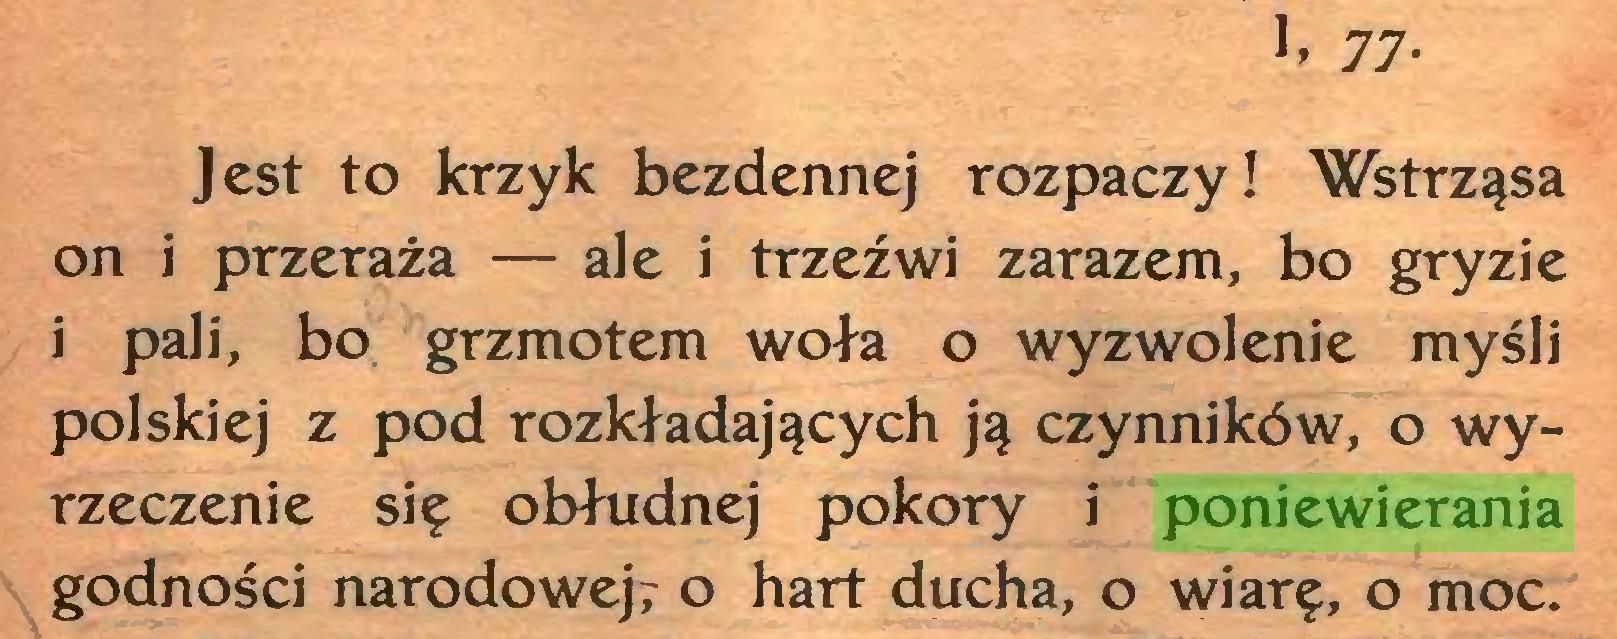 (...) 77Jest to krzyk bezdennej rozpaczy! Wstrząsa on i przeraża — ale i trzeźwi zarazem, bo gryzie i pali, bo grzmotem woła o wyzwolenie myśli polskiej z pod rozkładających ją czynników, o wyrzeczenie się obłudnej pokory i poniewierania godności narodowej? o hart ducha, o wiarę, o moc...